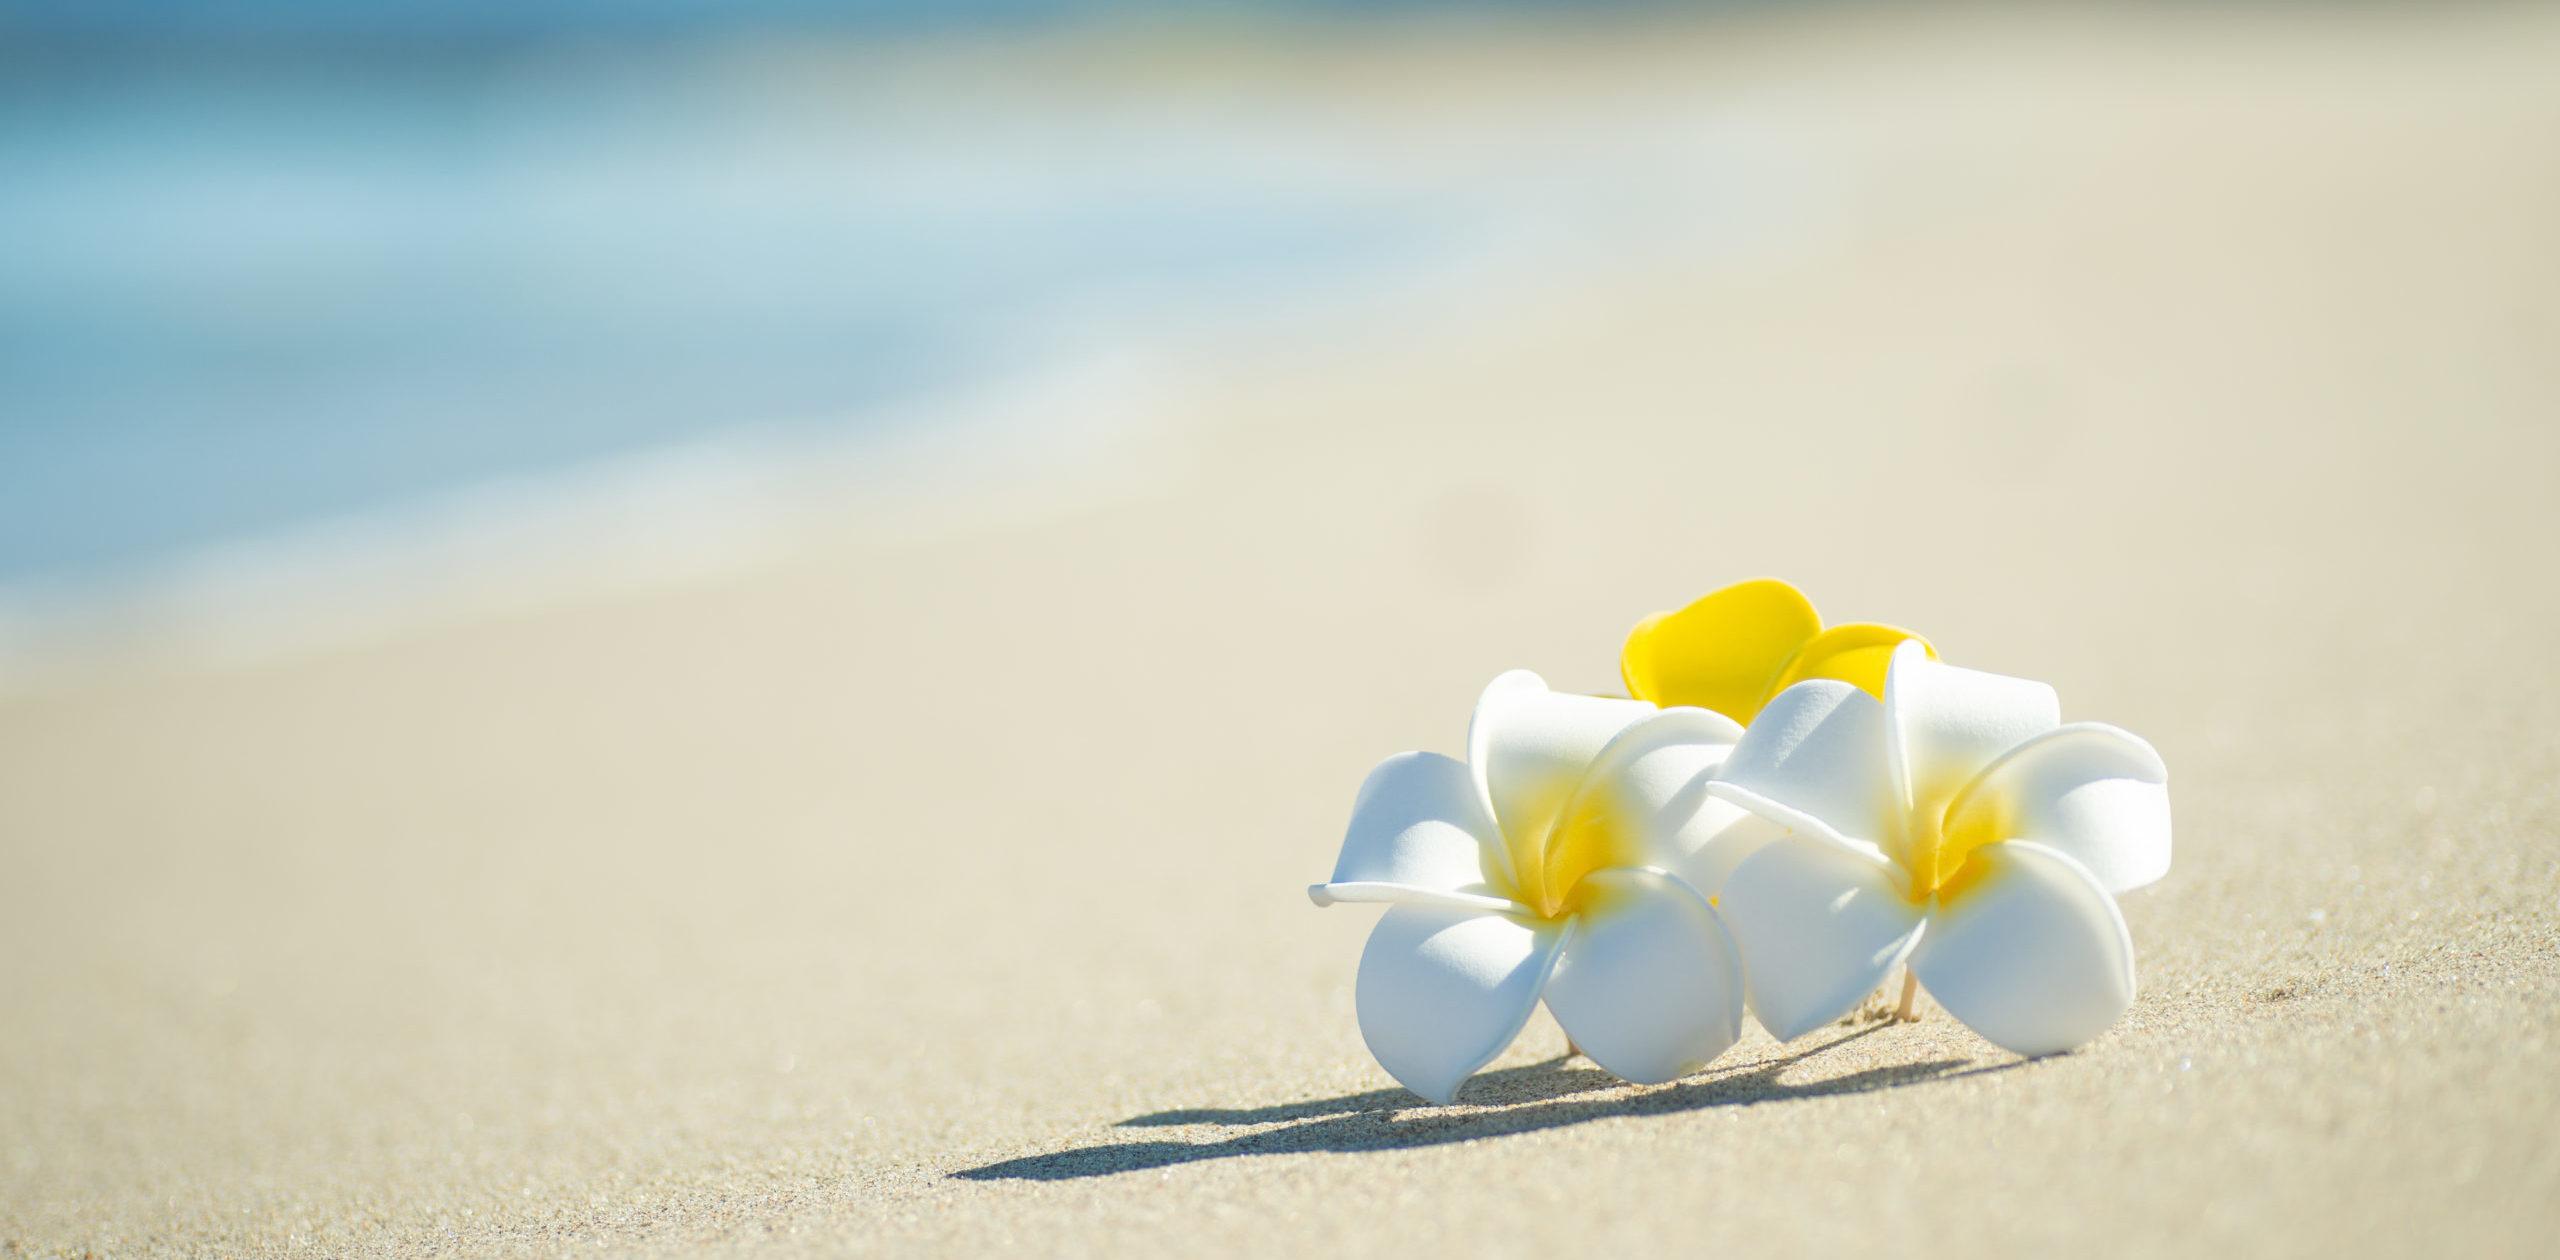 ドナー休暇制度の導入について